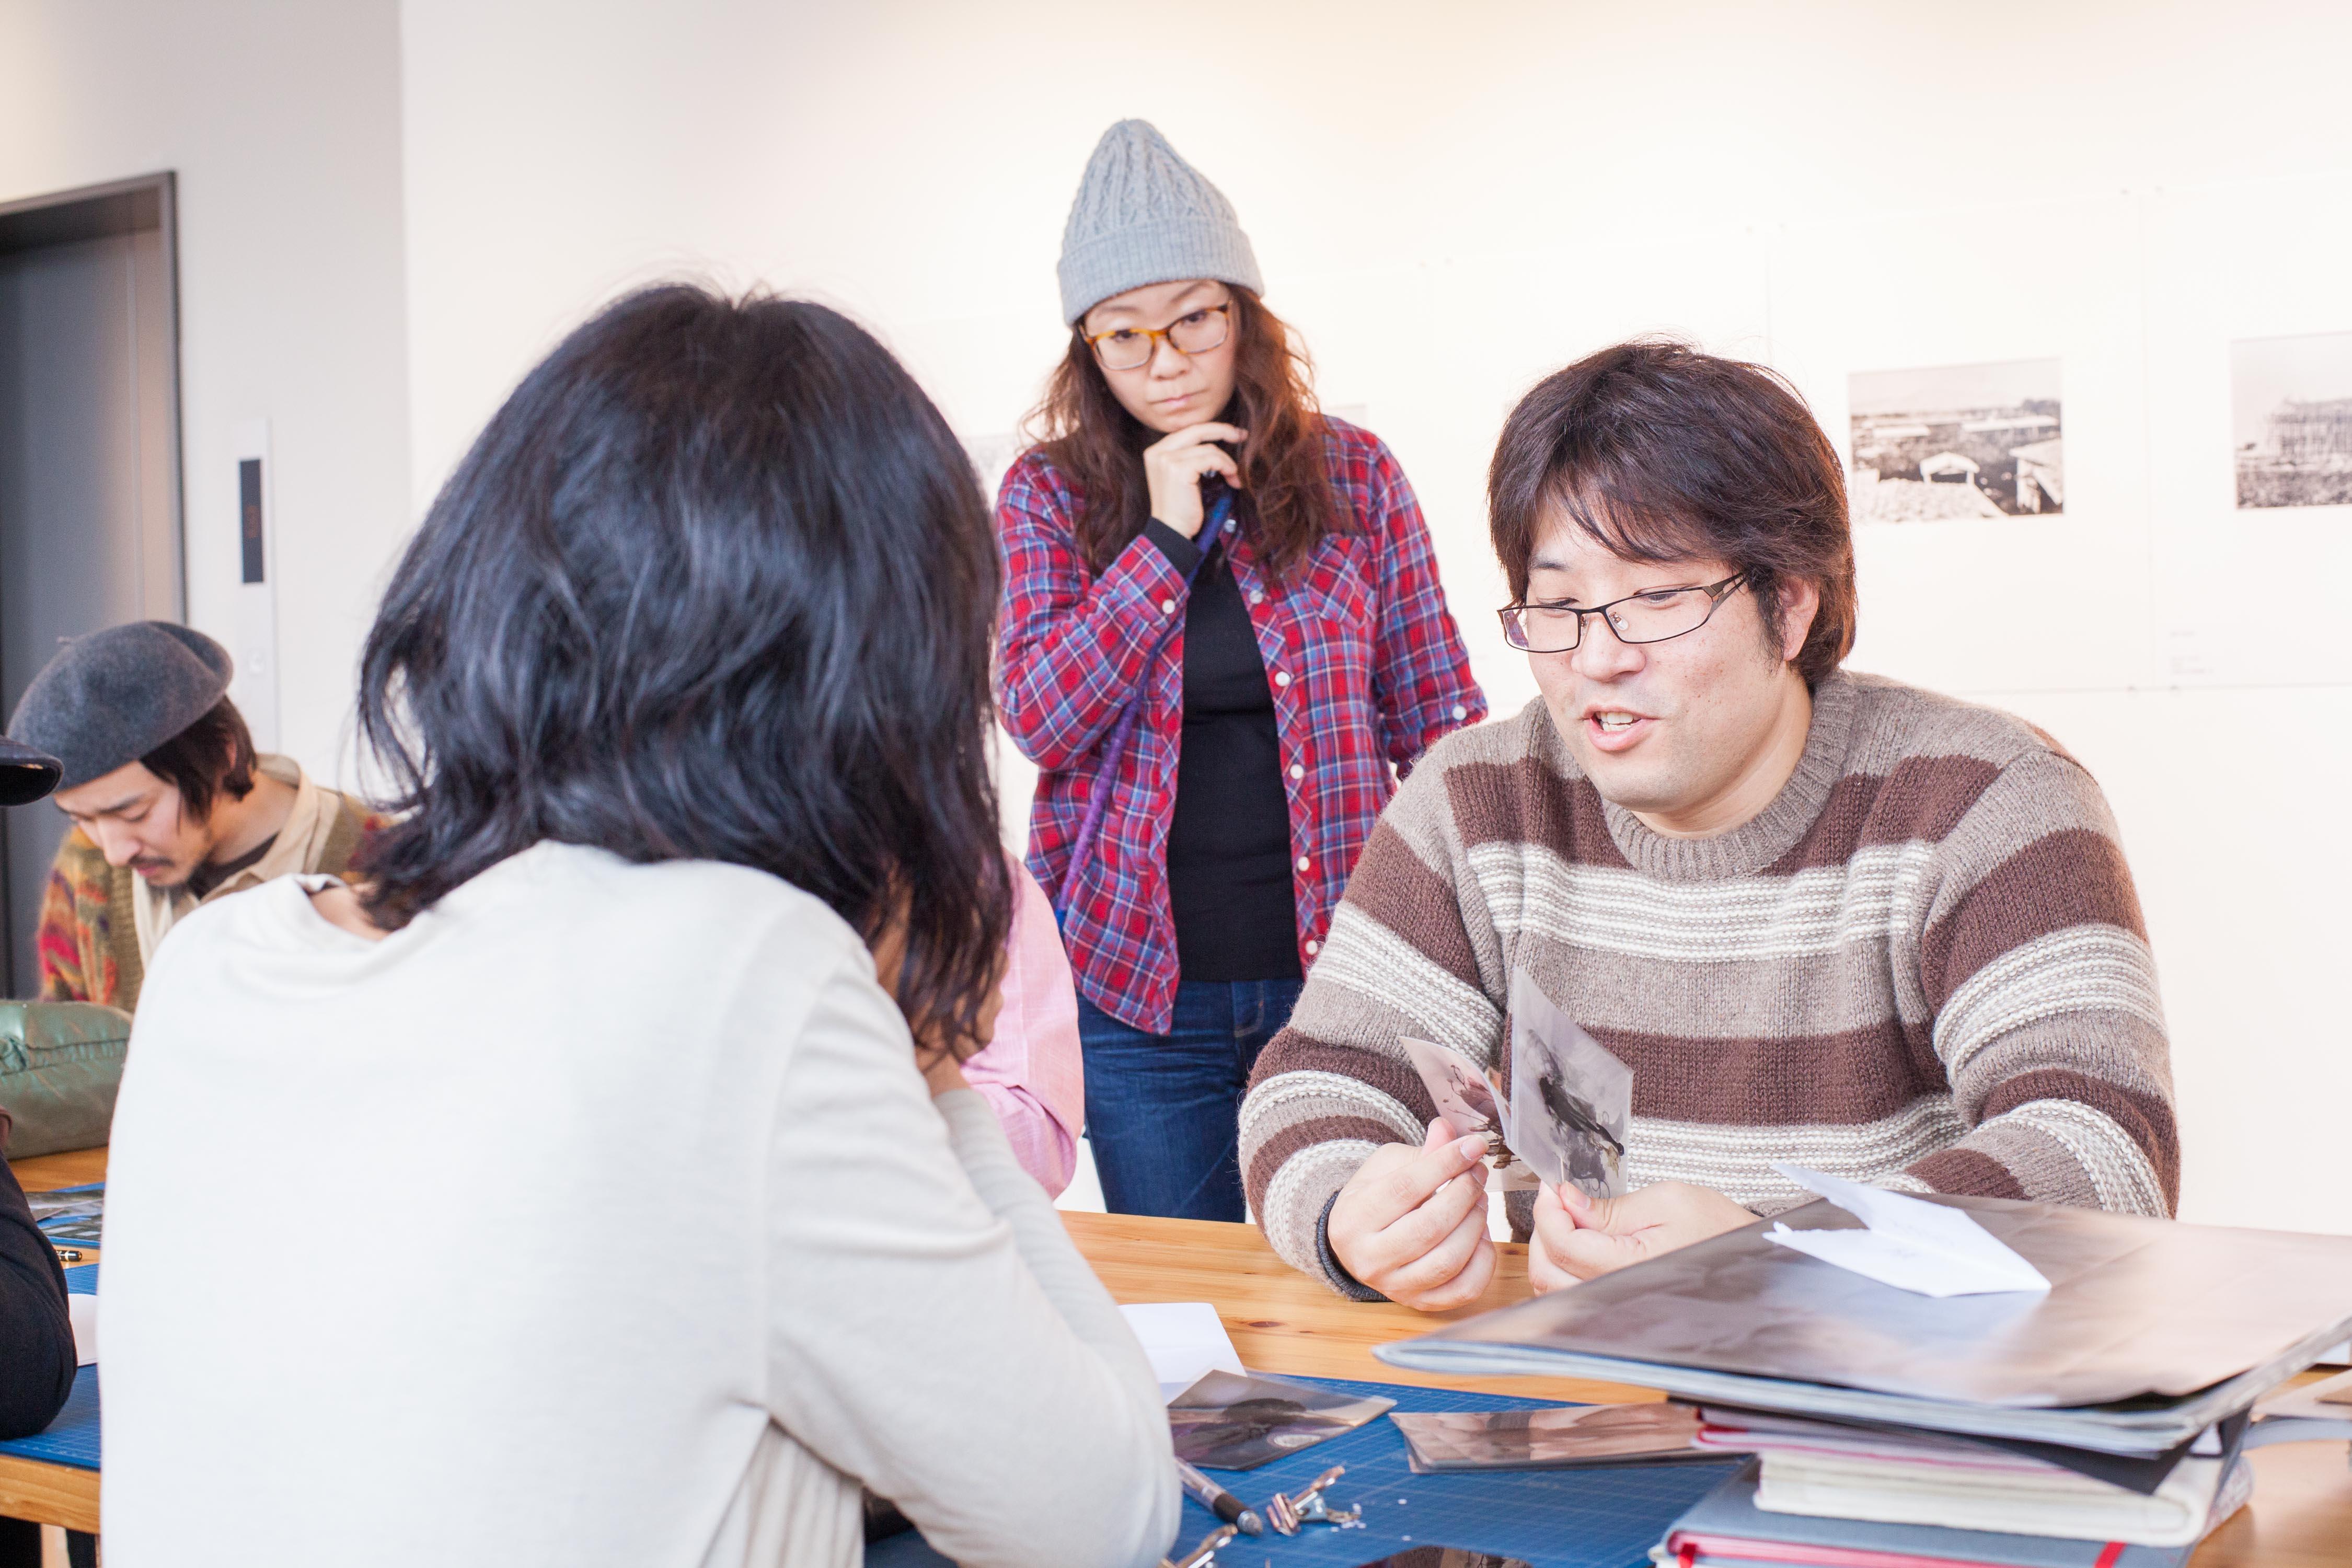 fujii yoshikatsu workshop